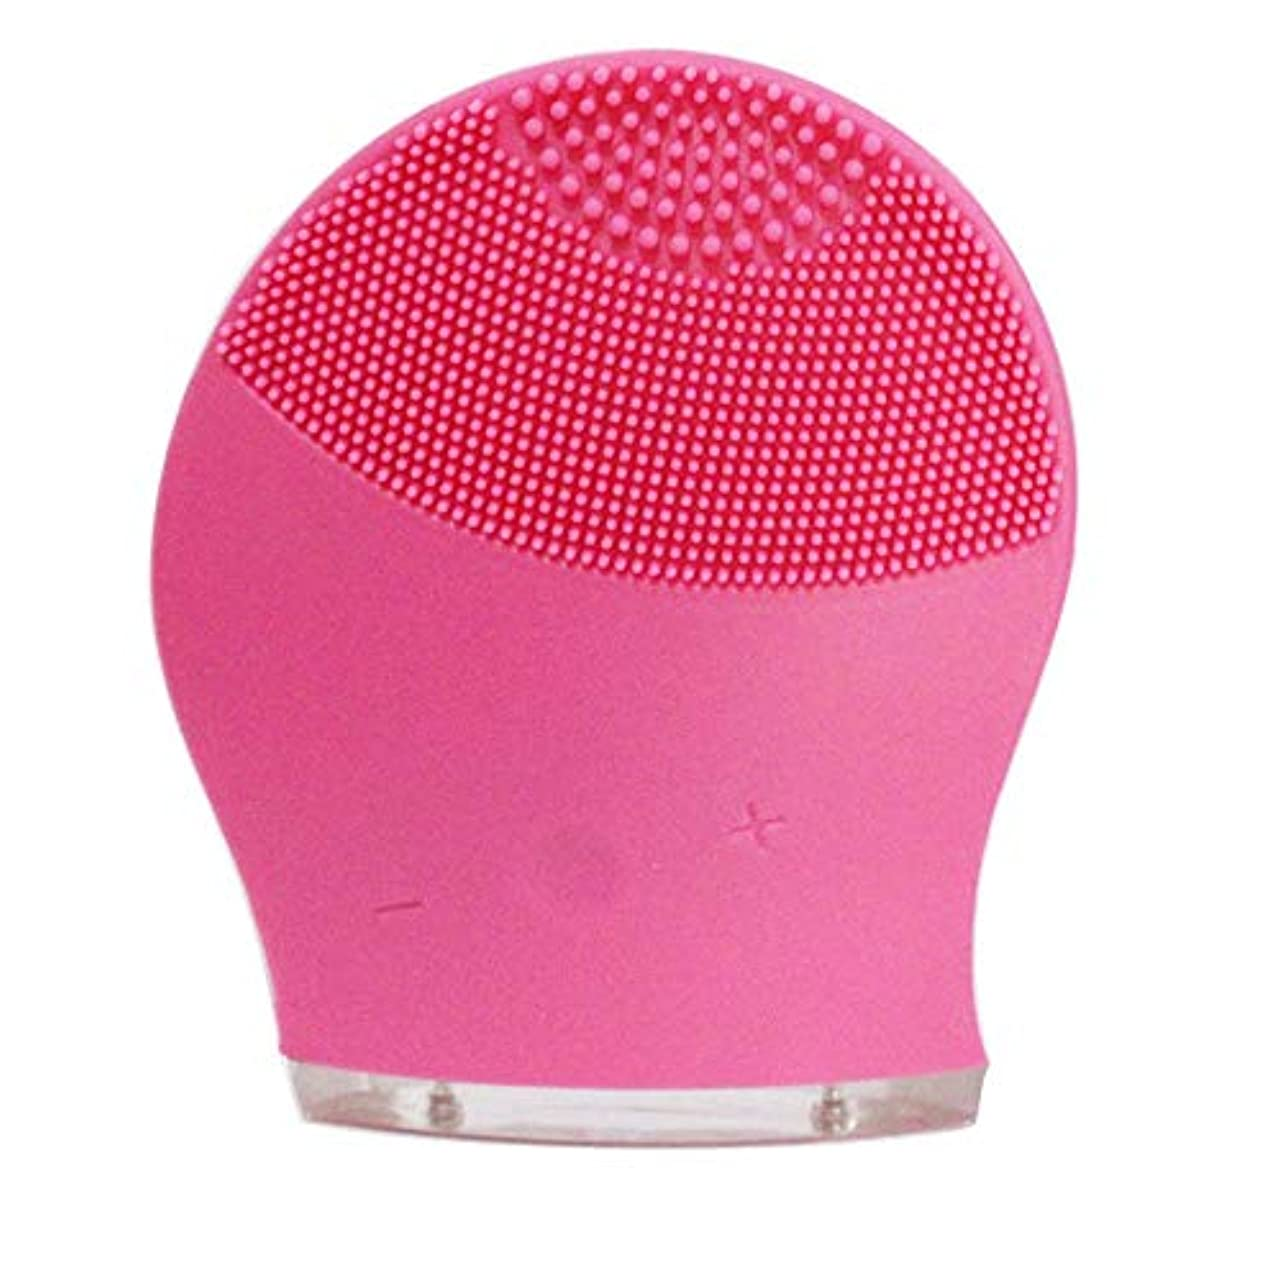 モニカ納税者揺れるZXF 新電気洗浄器シリコーン洗浄器超音波振動洗浄ブラシUSB充電毛穴洗浄 滑らかである (色 : Red)